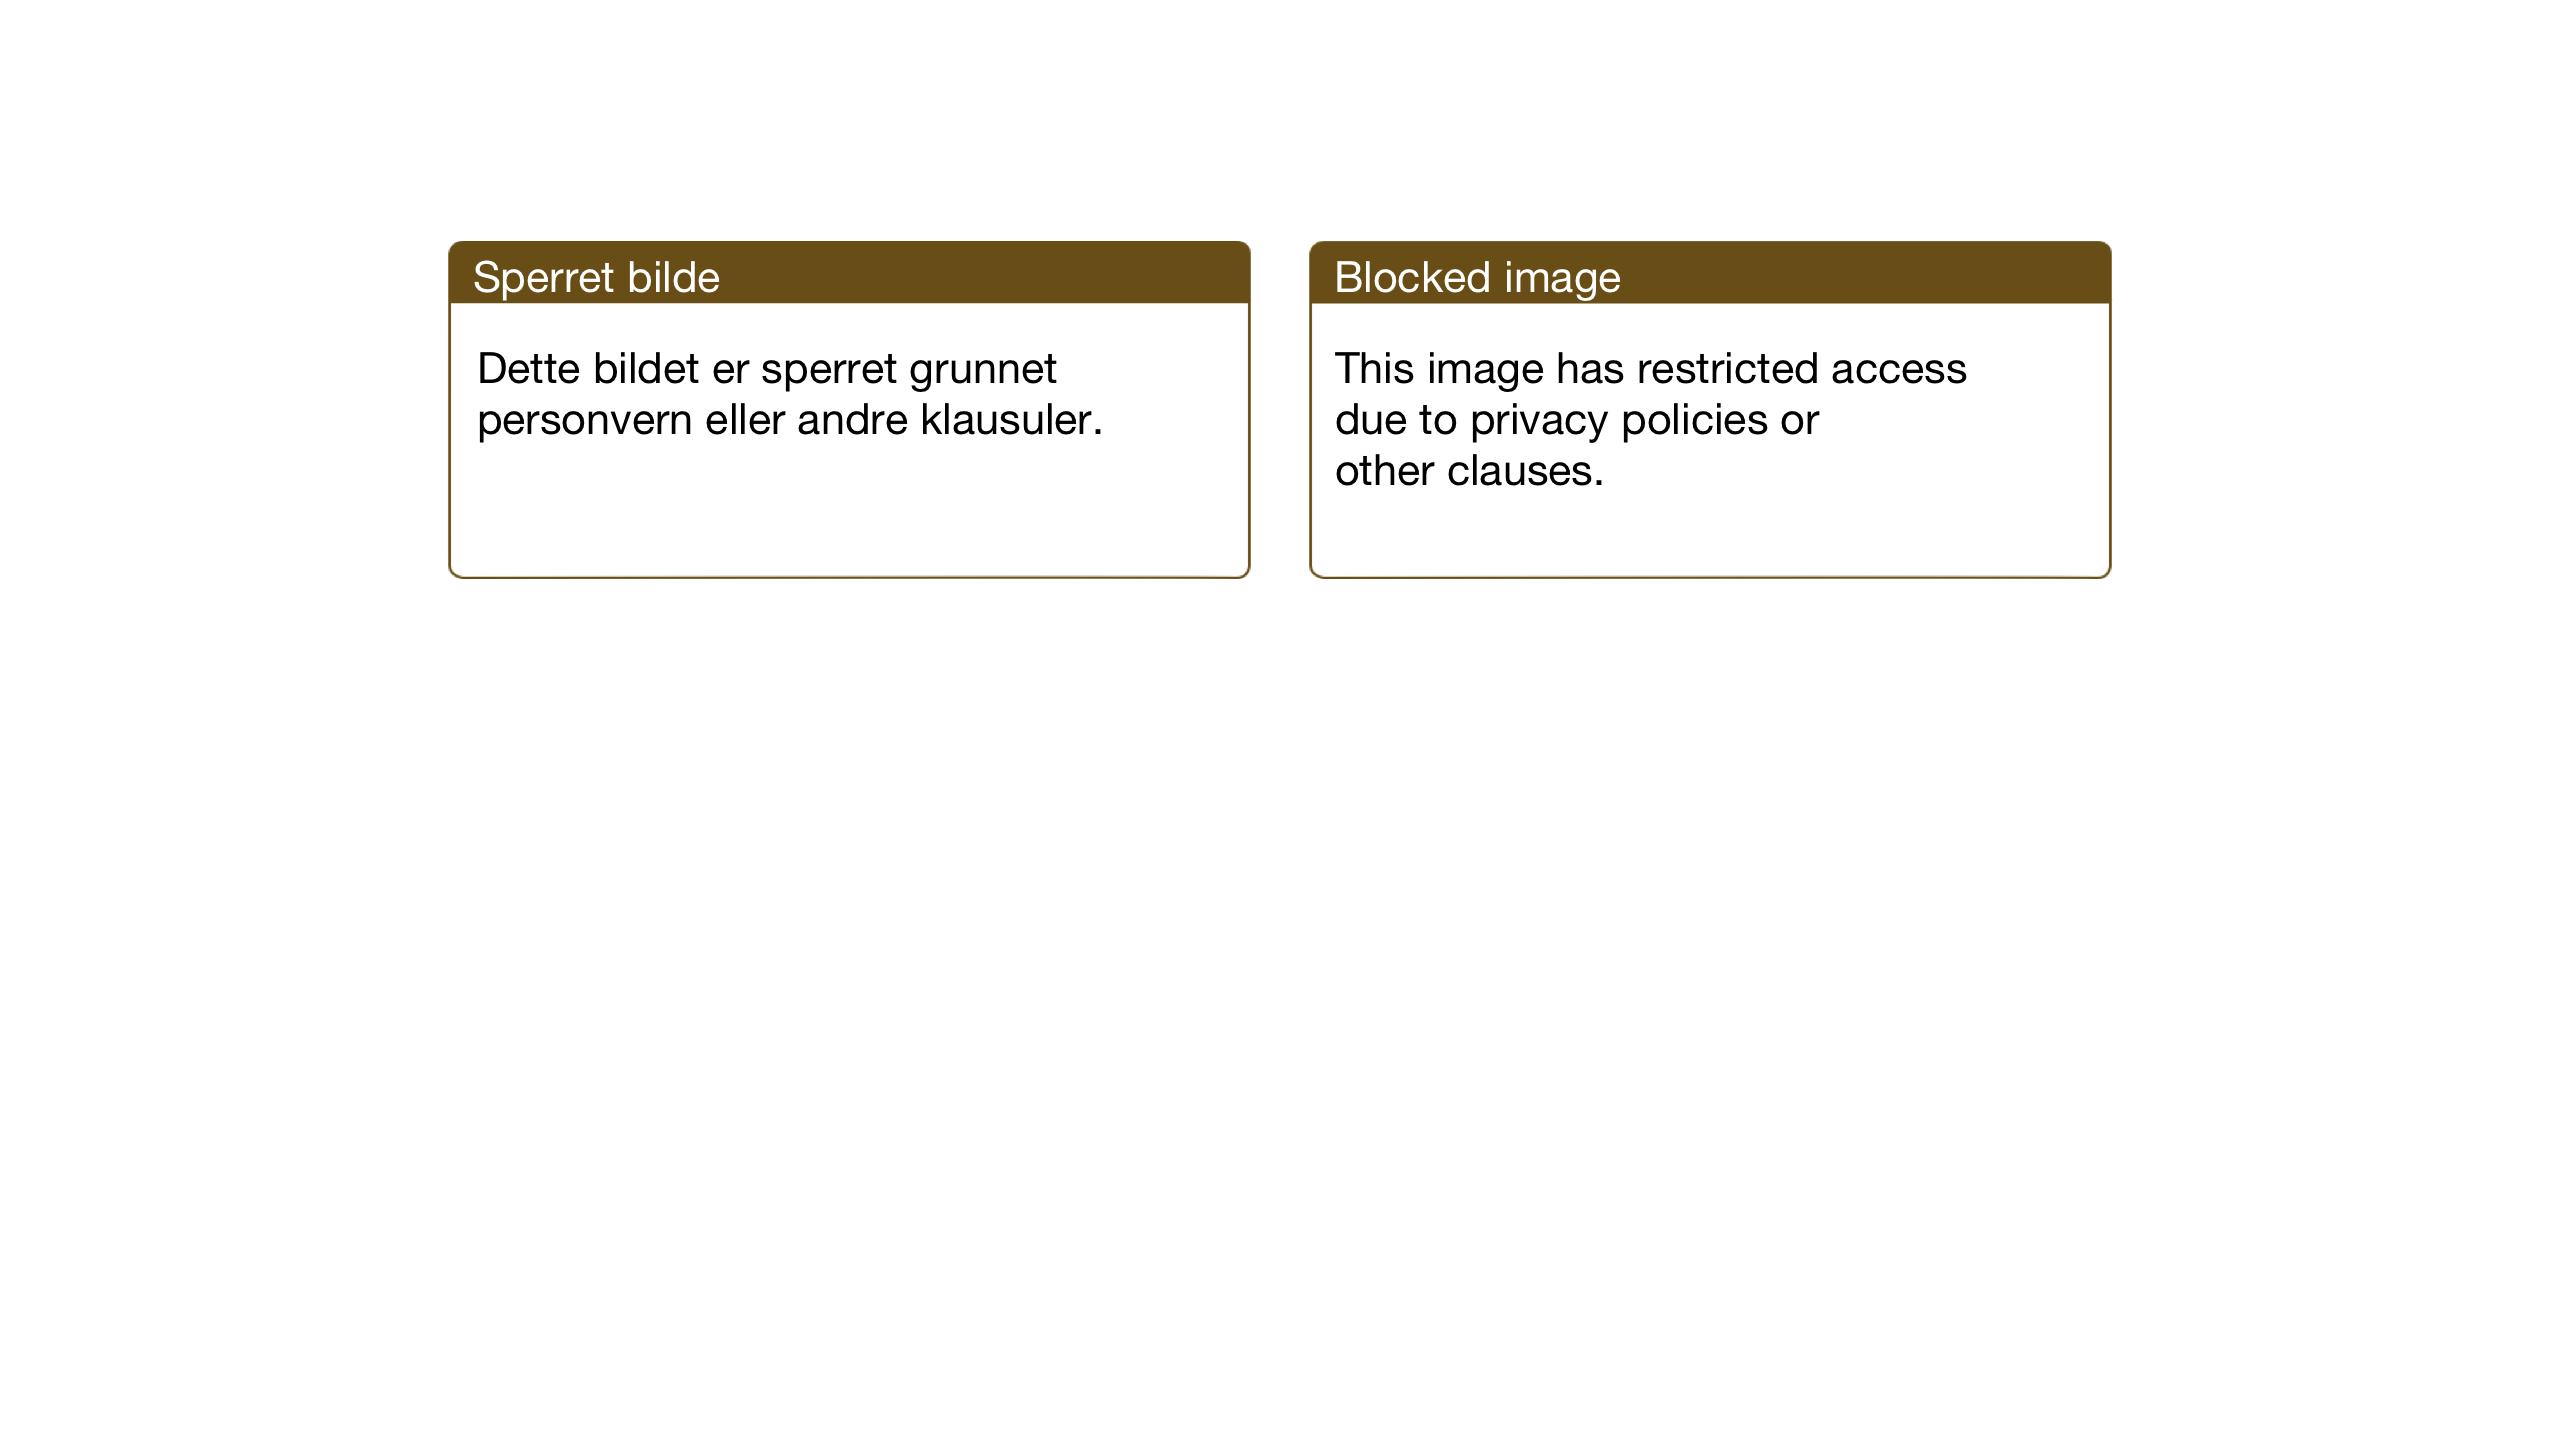 SAT, Ministerialprotokoller, klokkerbøker og fødselsregistre - Sør-Trøndelag, 608/L0343: Klokkerbok nr. 608C09, 1938-1952, s. 28